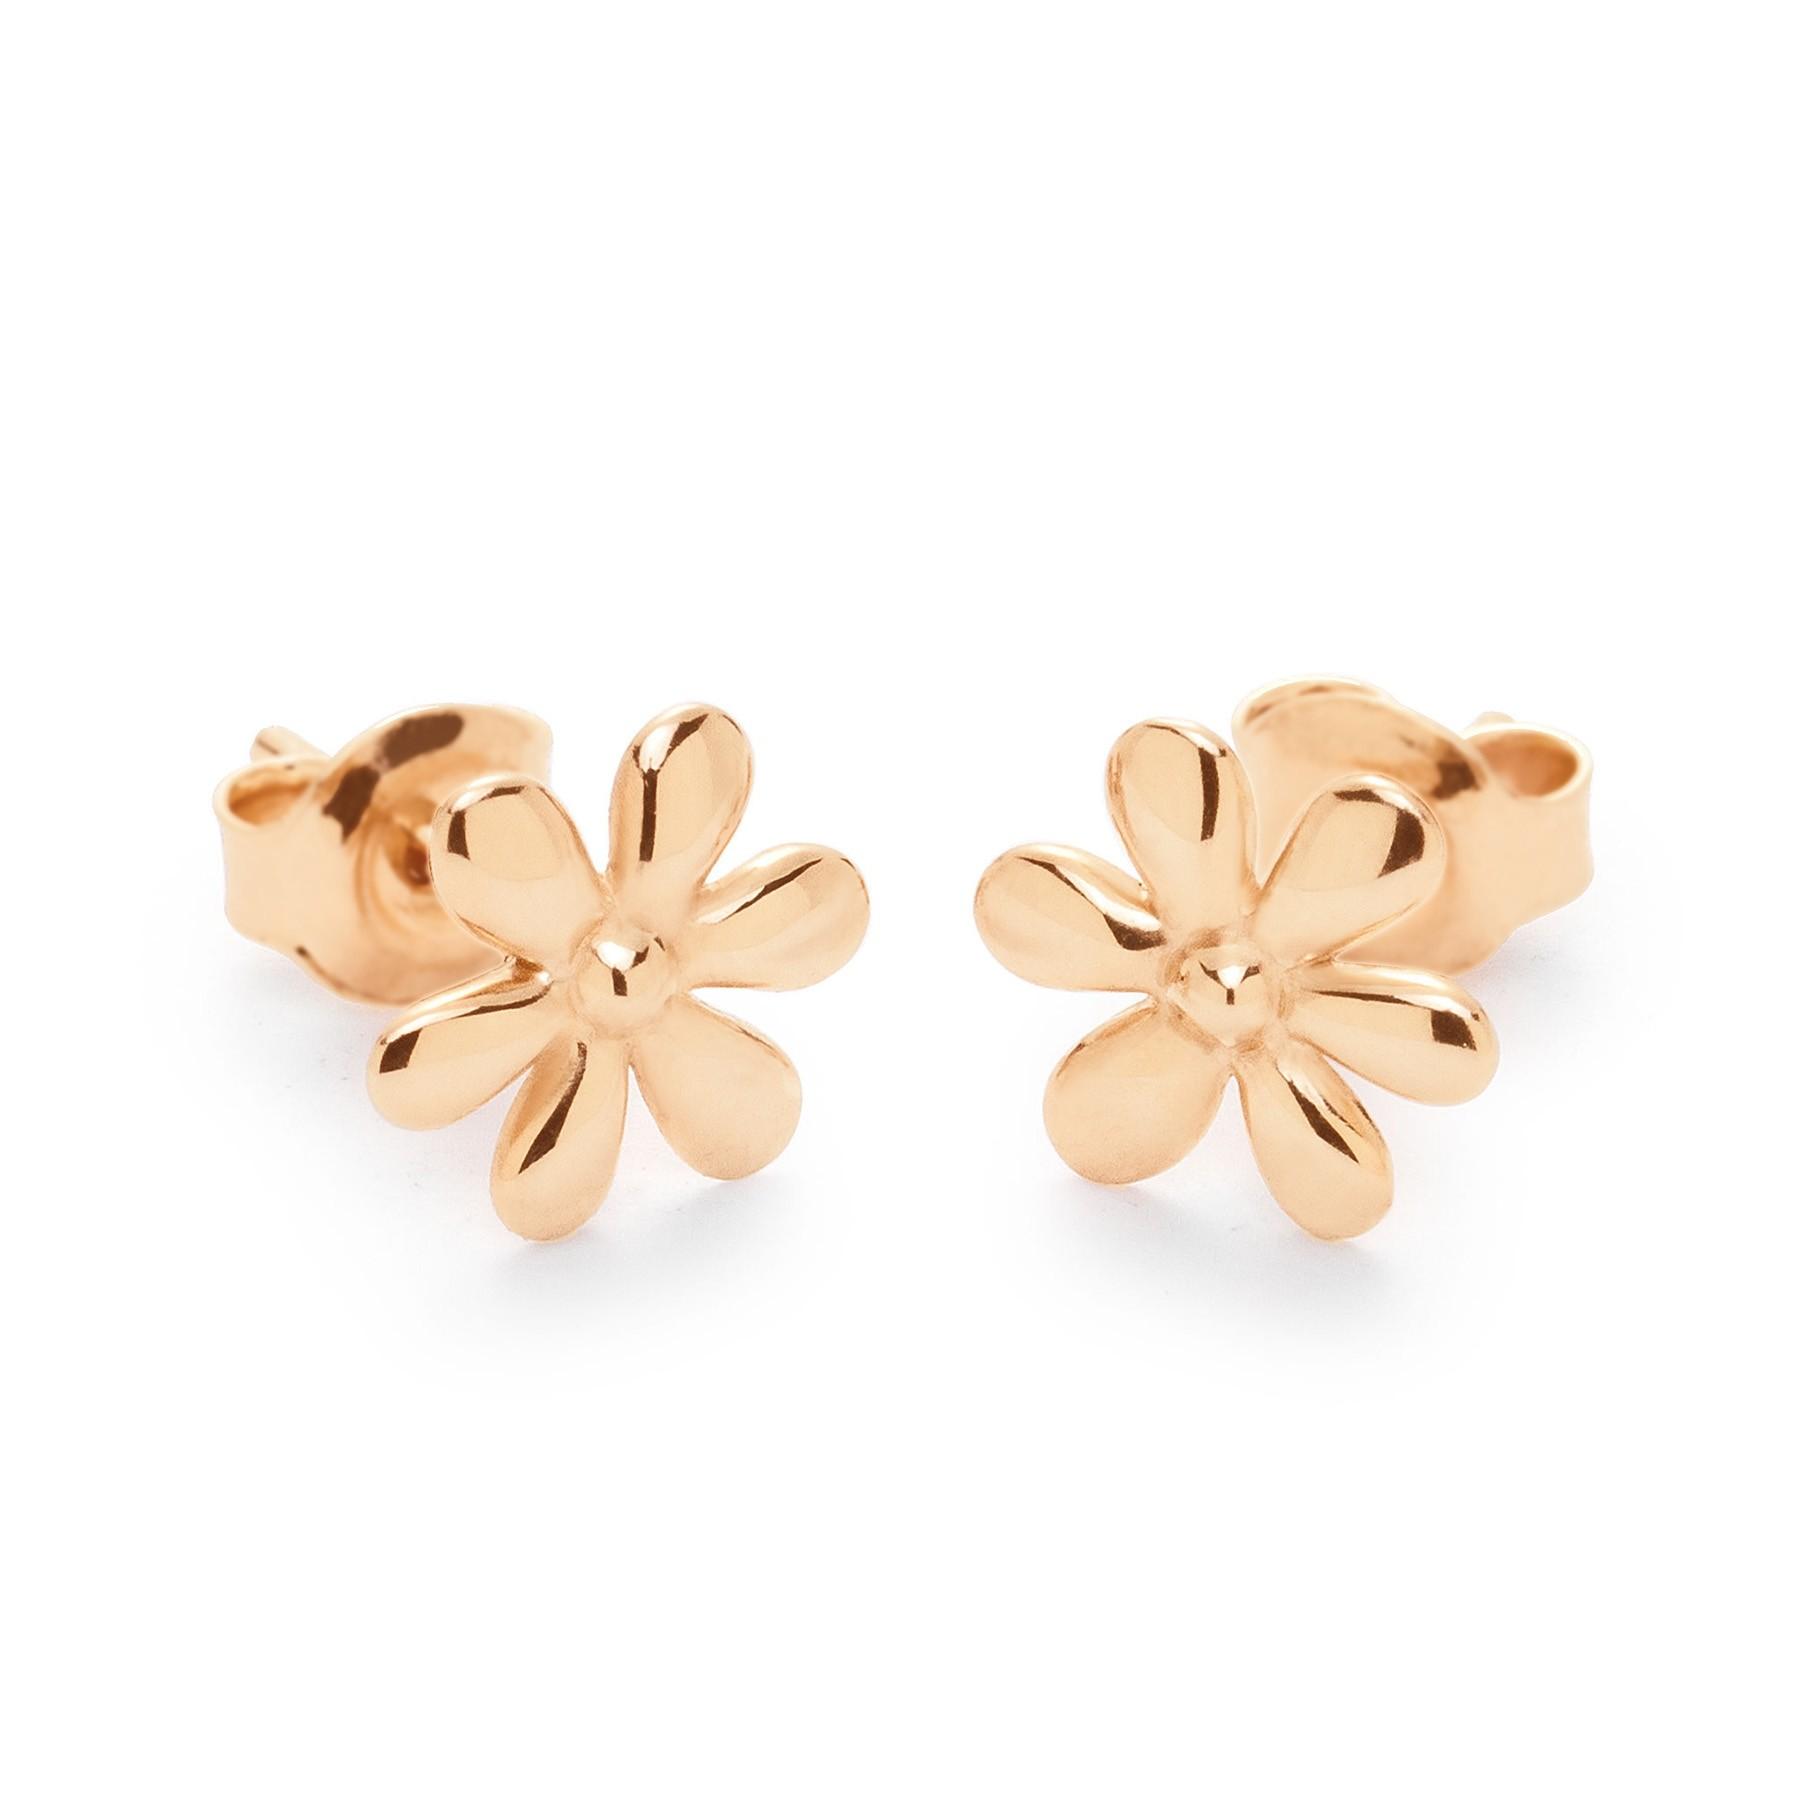 Boucles d'oreilles puces Flowers plaquées or